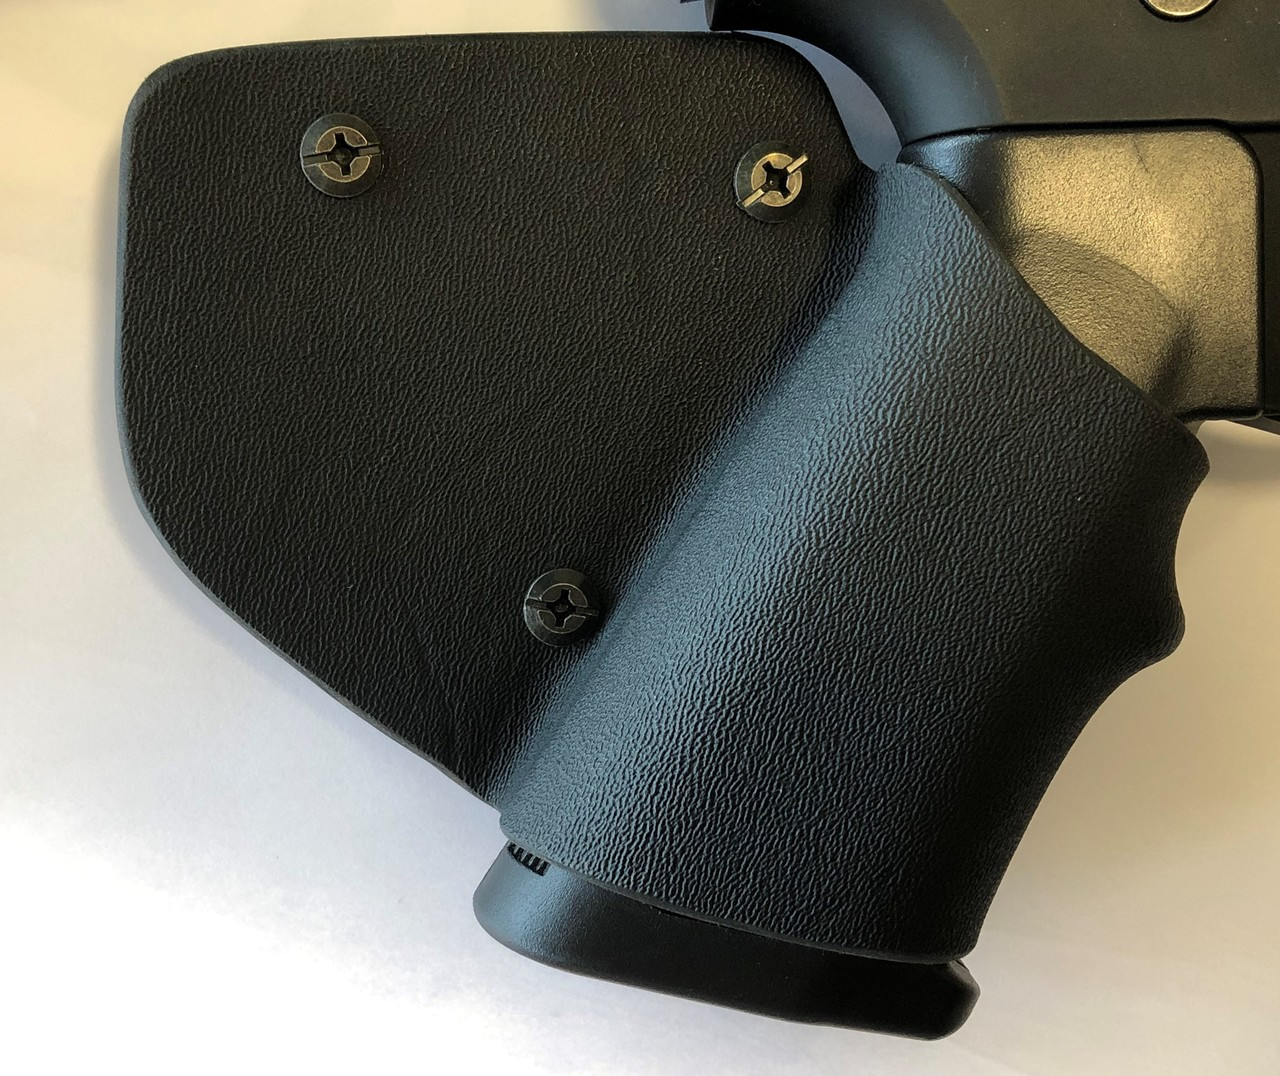 Steyr Arms AUG A3 M1(3.0x Optic) CALIFORNIA LEGAL 5.56- Black